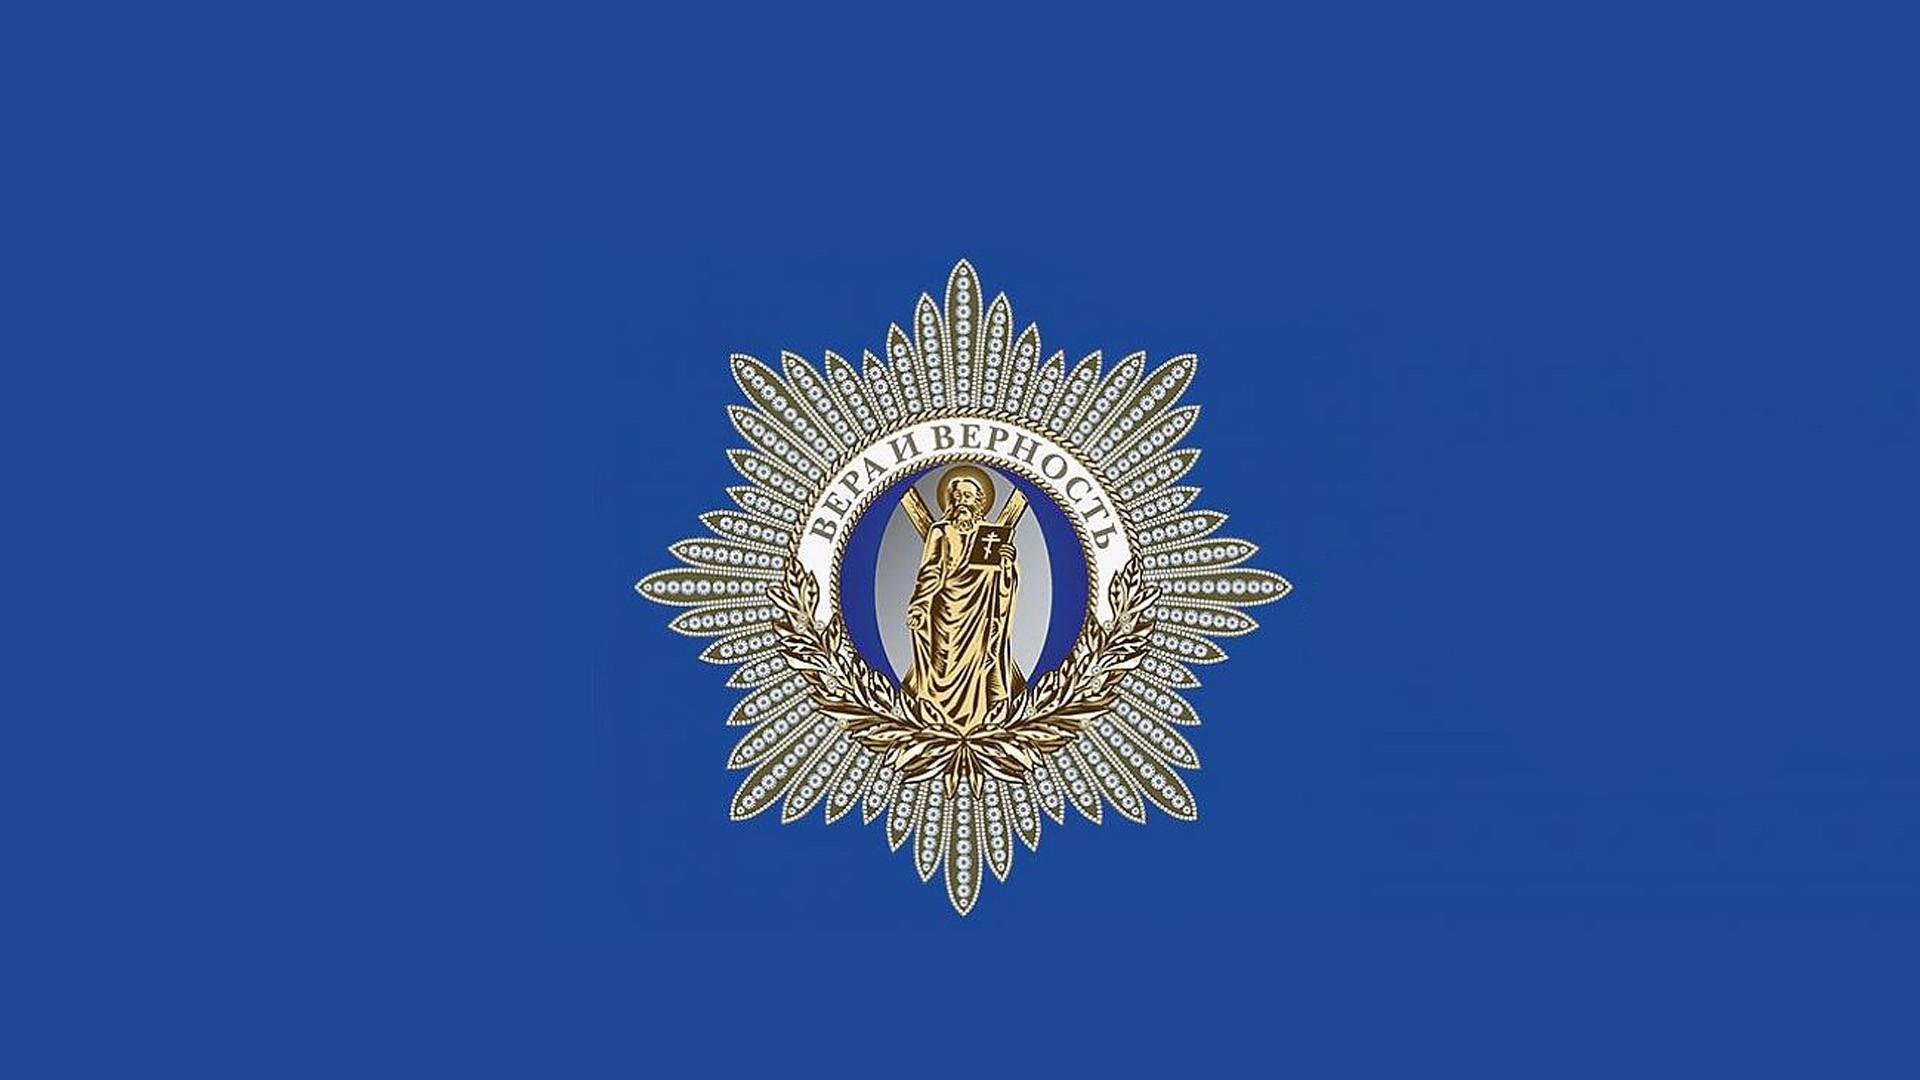 ХХVI Церемония вручения Международной премии Андрея Первозванного «Вера и верность»